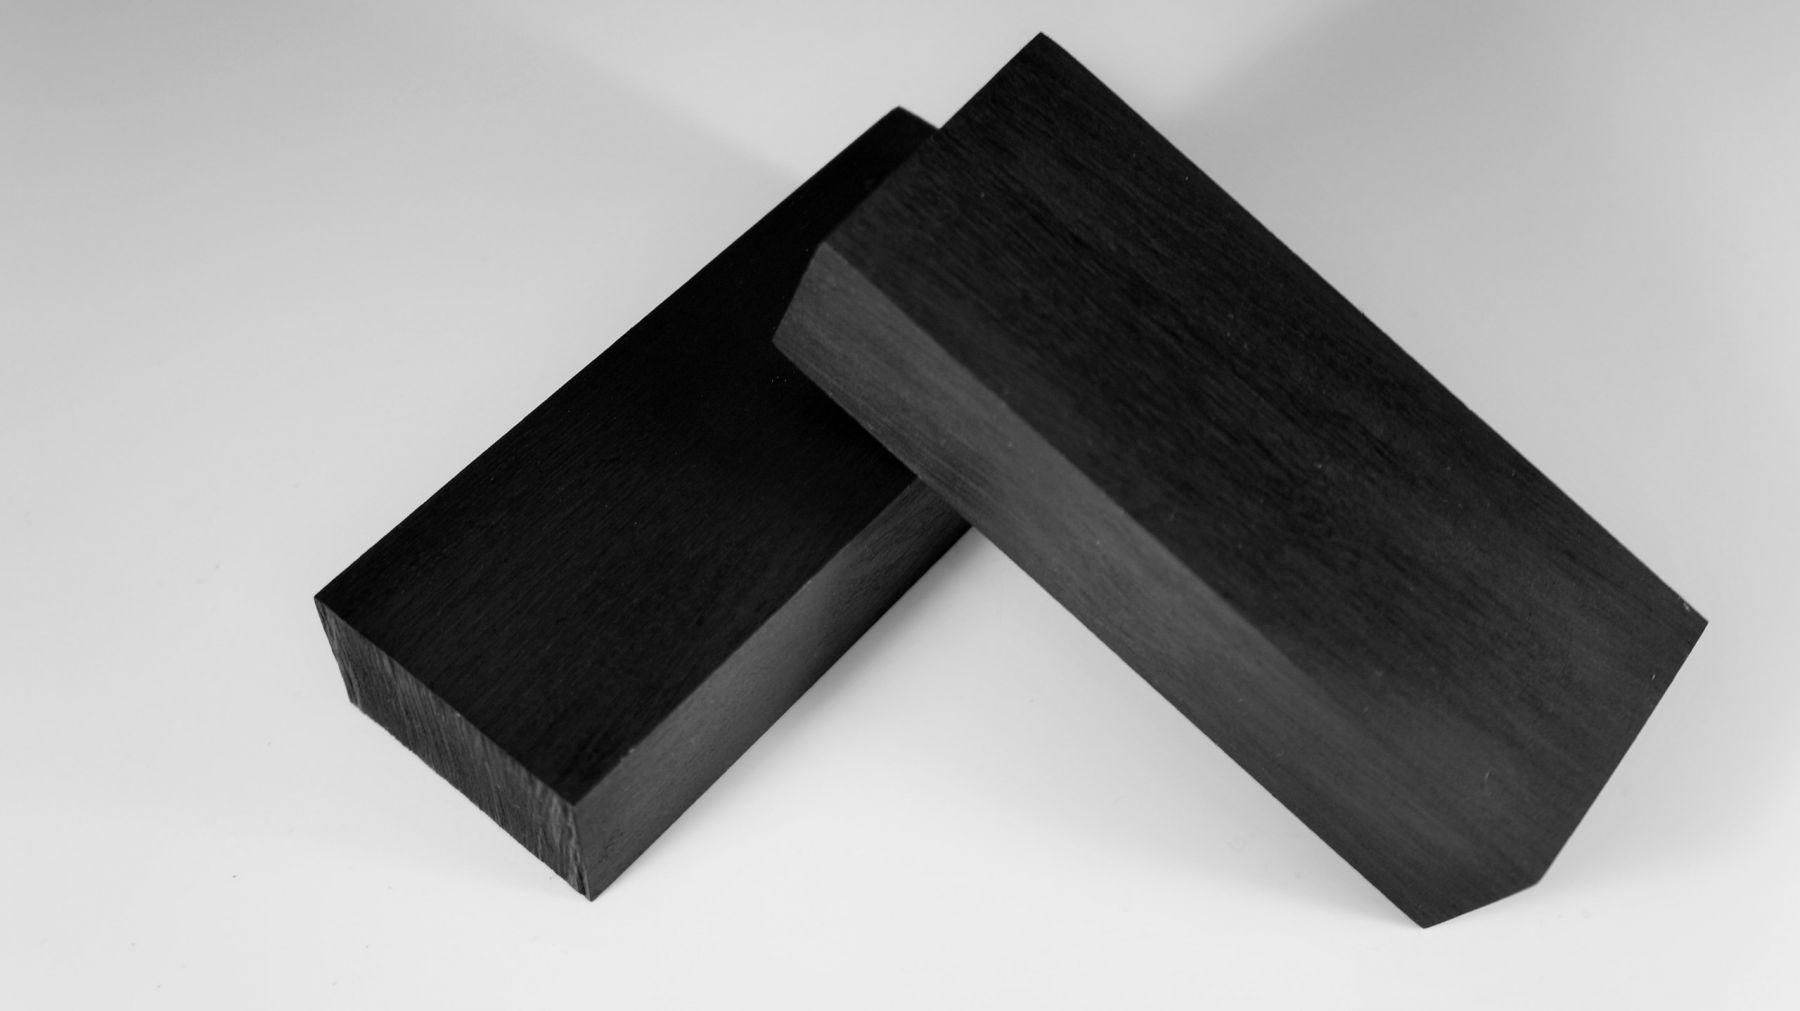 Черный граб плашки 5-7-10 мм (толщина выбирается при клике на товар)